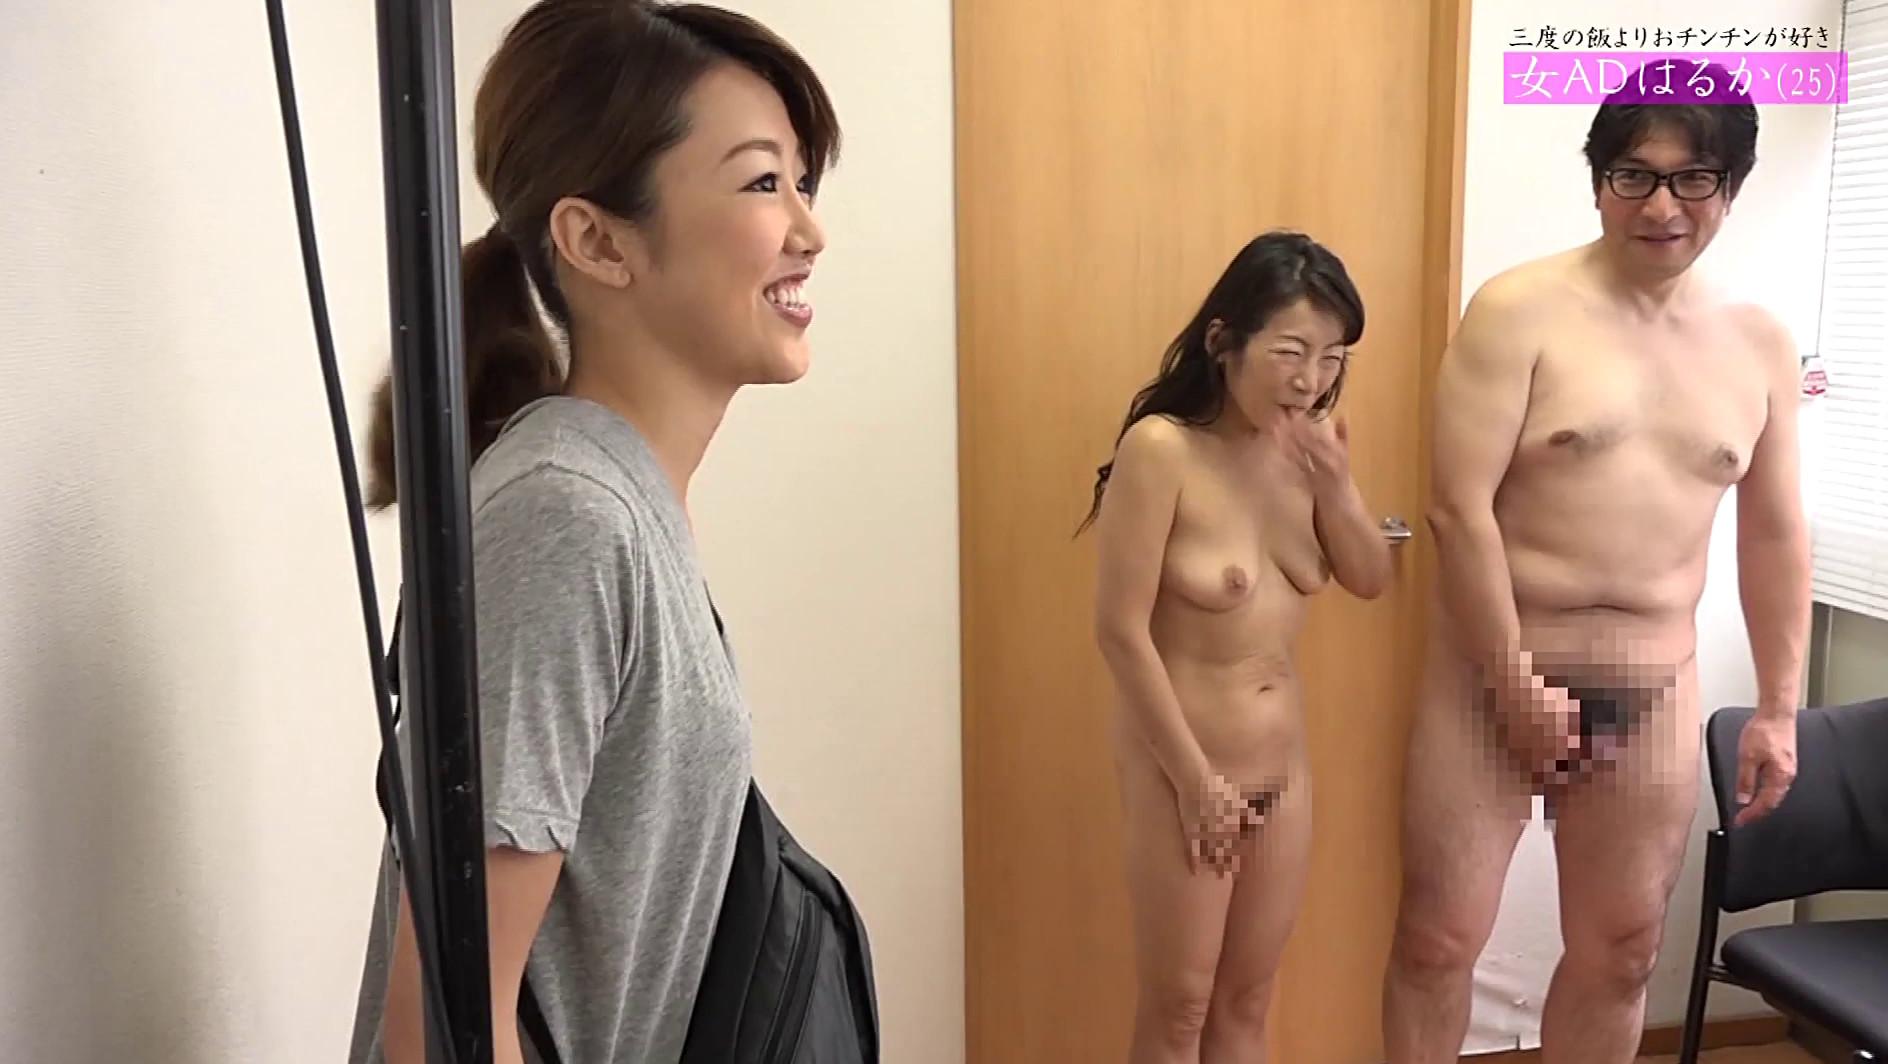 Ad エロ 動画 女性adが会社のためにカラダを張ってav出演~隠れ巨乳のメガネ美女・れい23歳&黒髪スレンダー娘・マキノ20歳